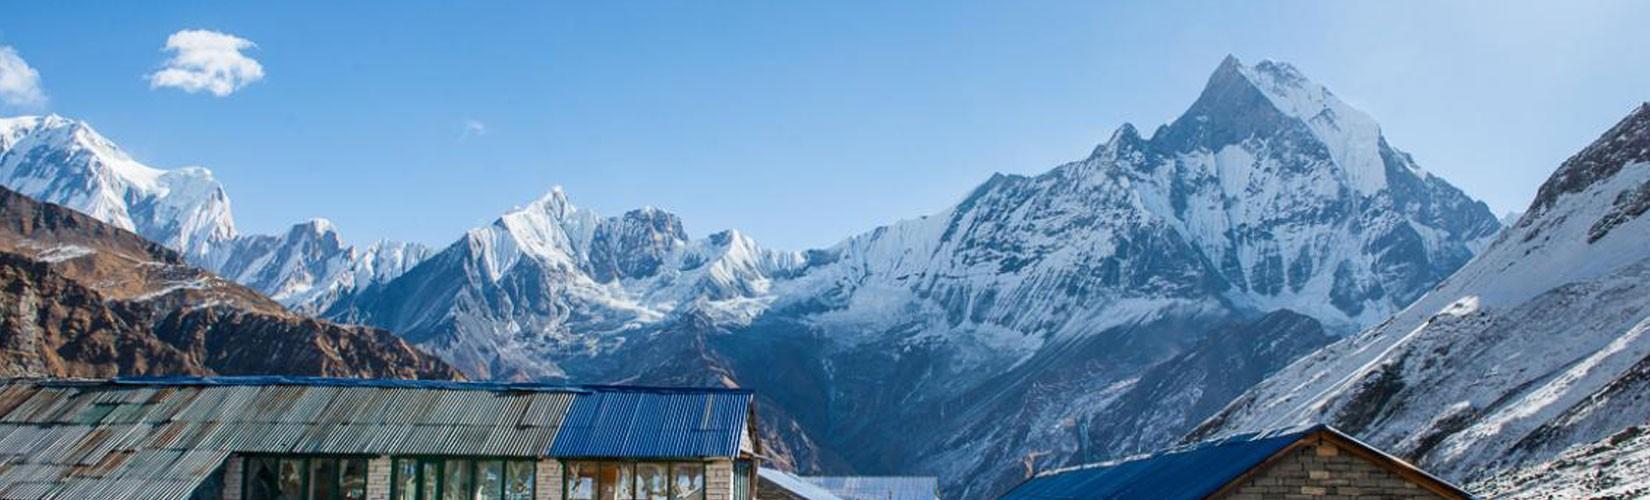 Annapurna Easy Trek